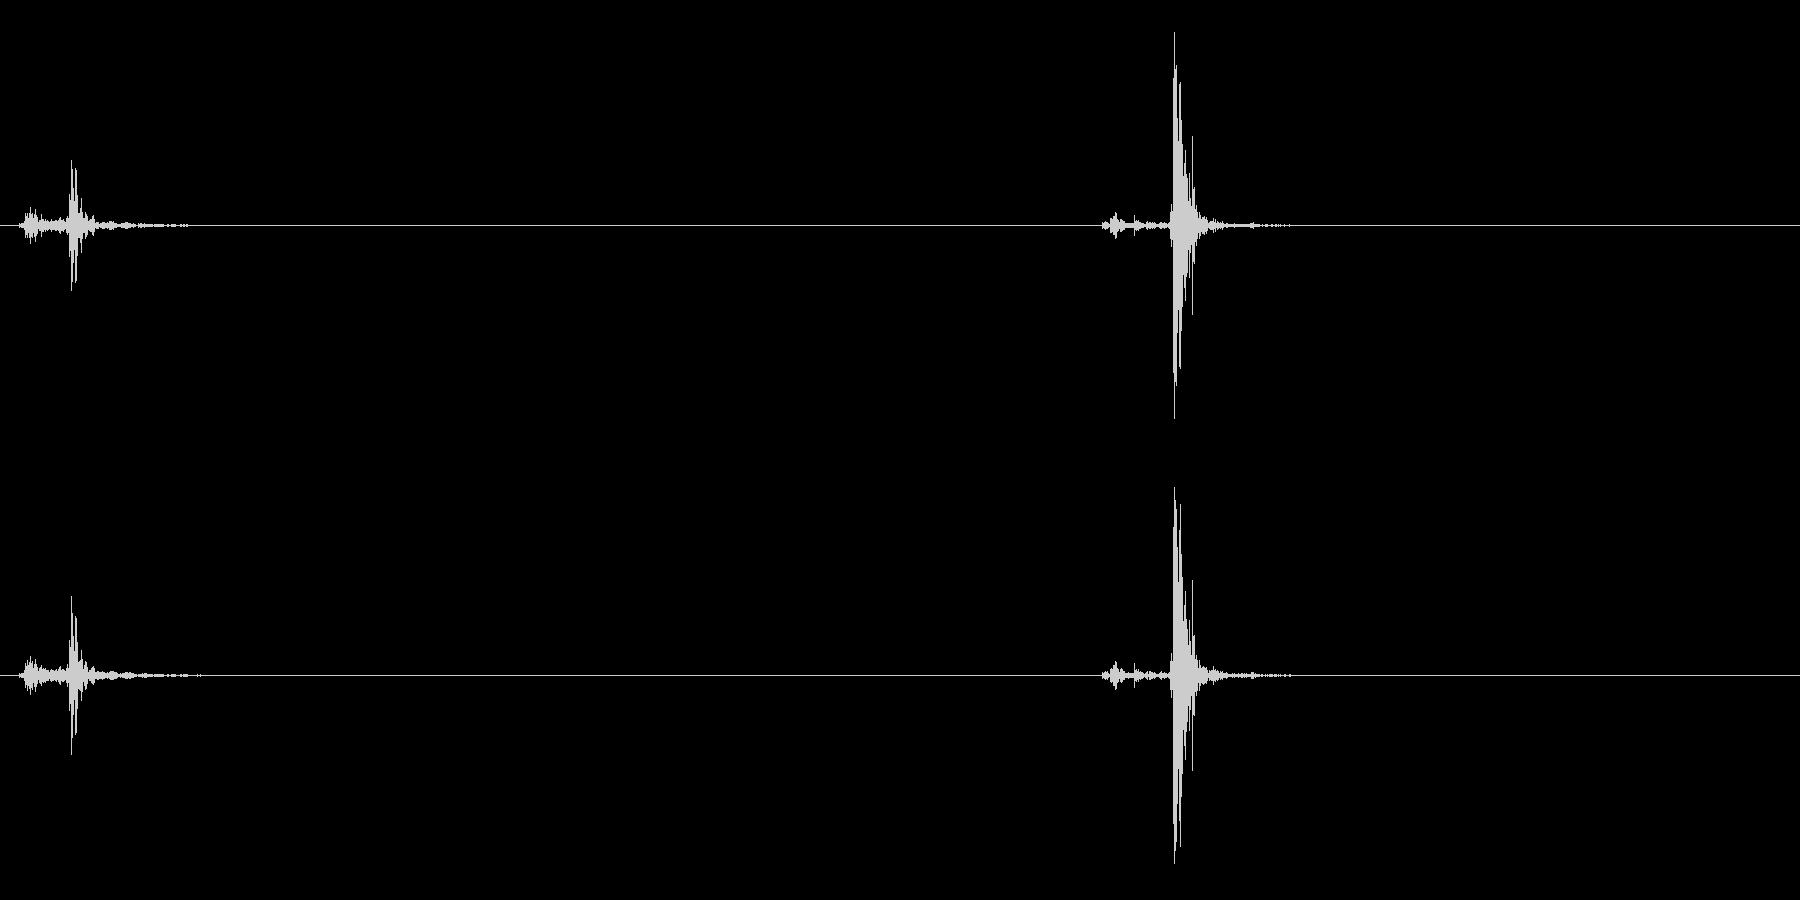 電子:合計キースロー、オフィス、計...の未再生の波形